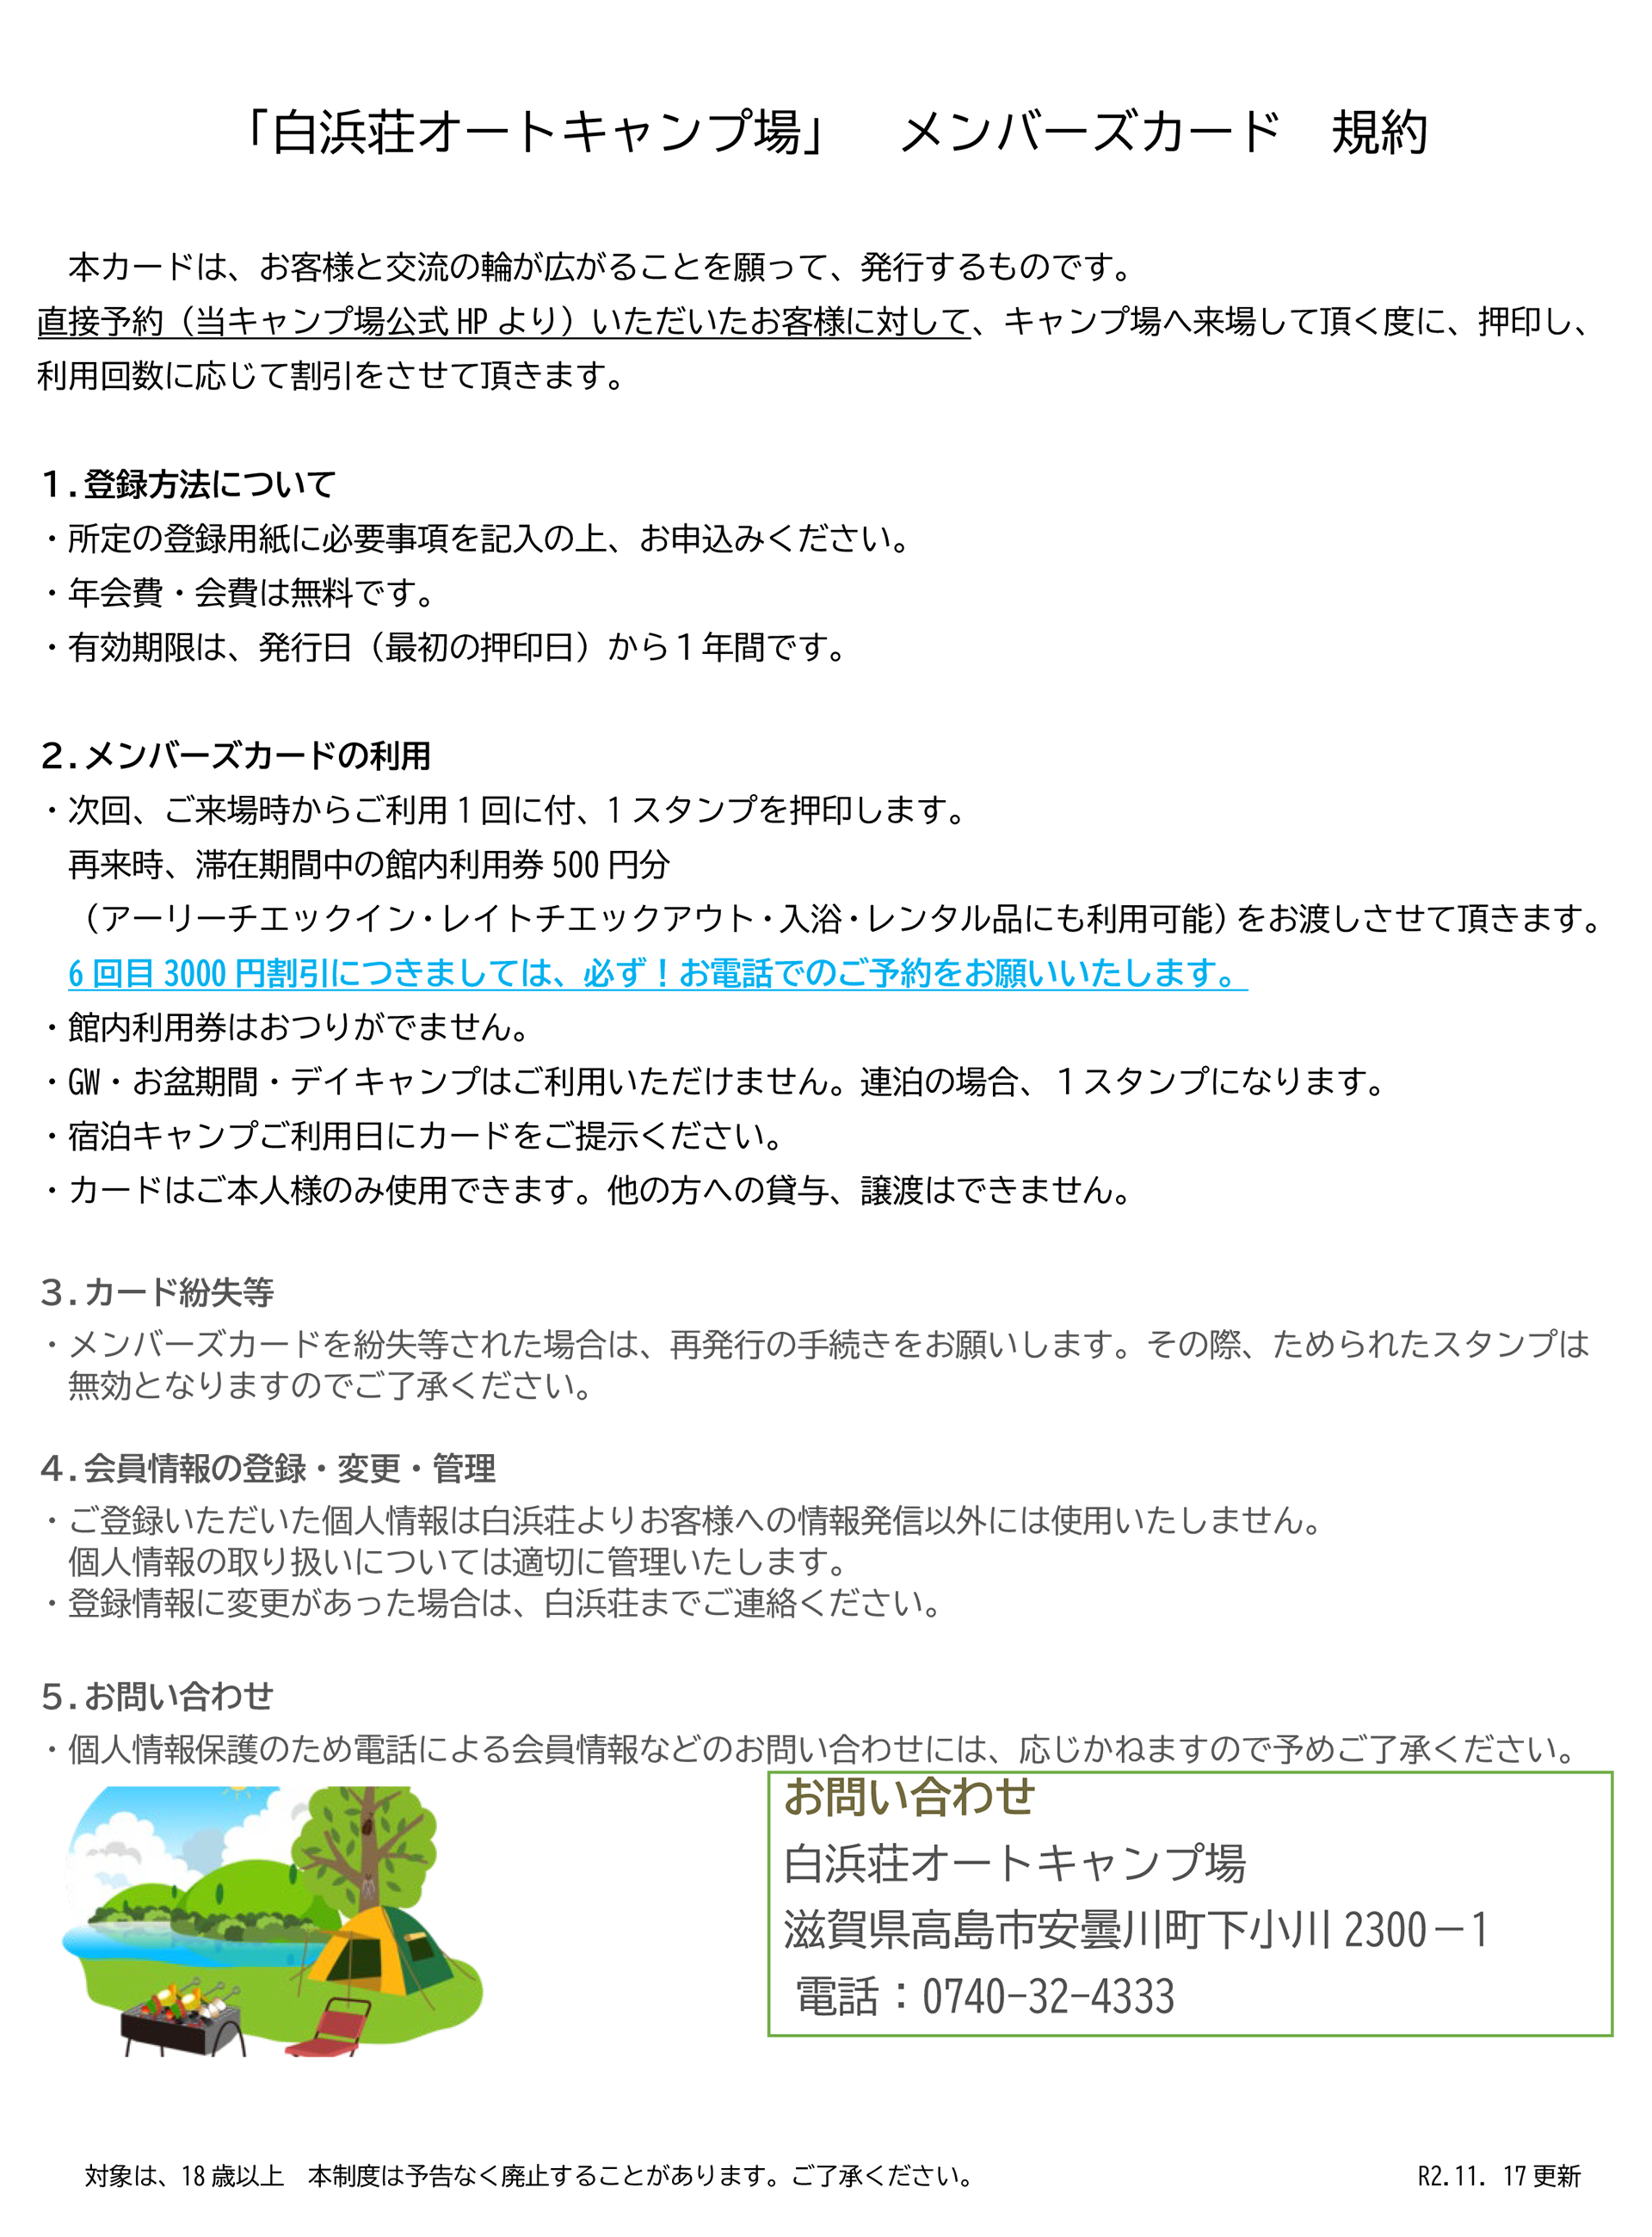 メンバーズカードイメージ